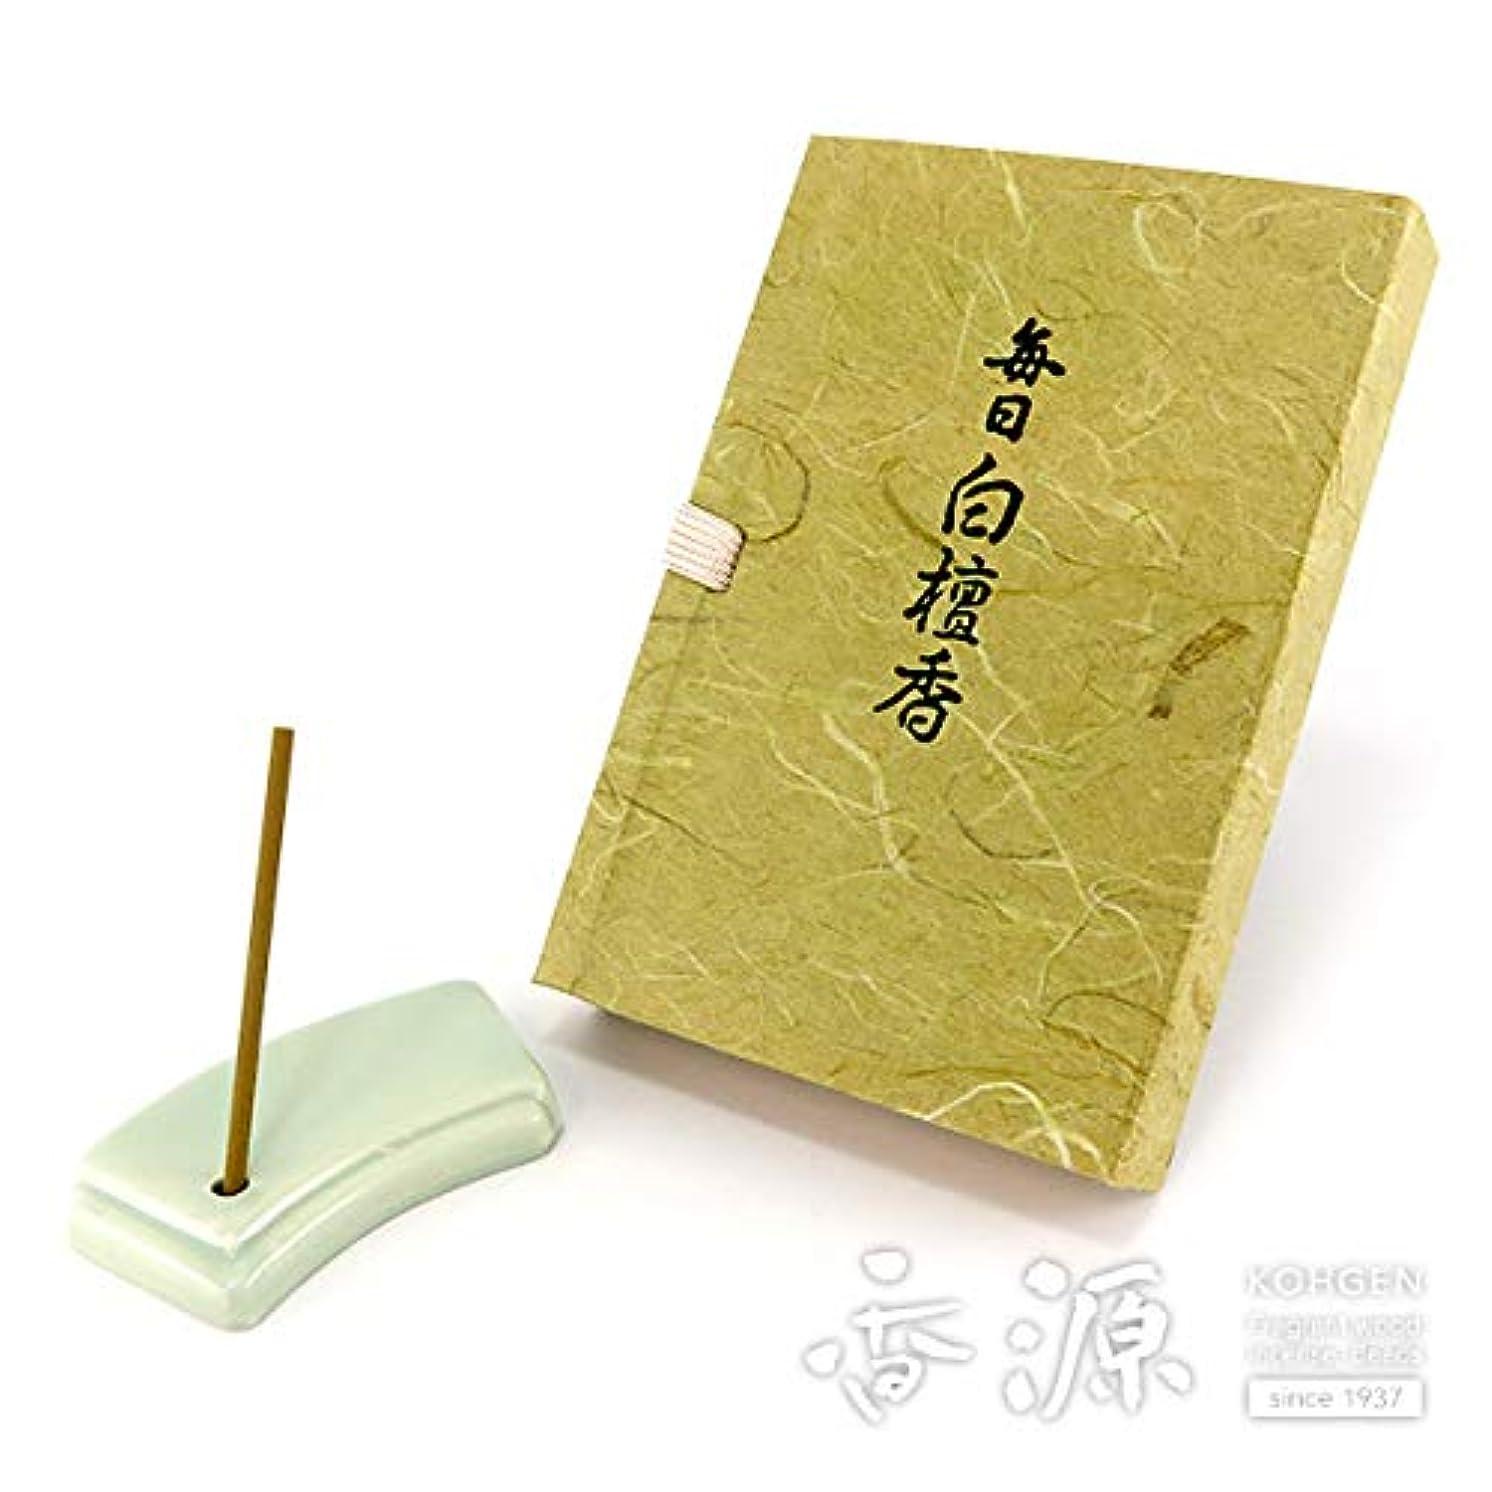 衣類珍味バレエ日本香堂のお香 毎日白檀香 スティックミニ寸文庫型60本入り